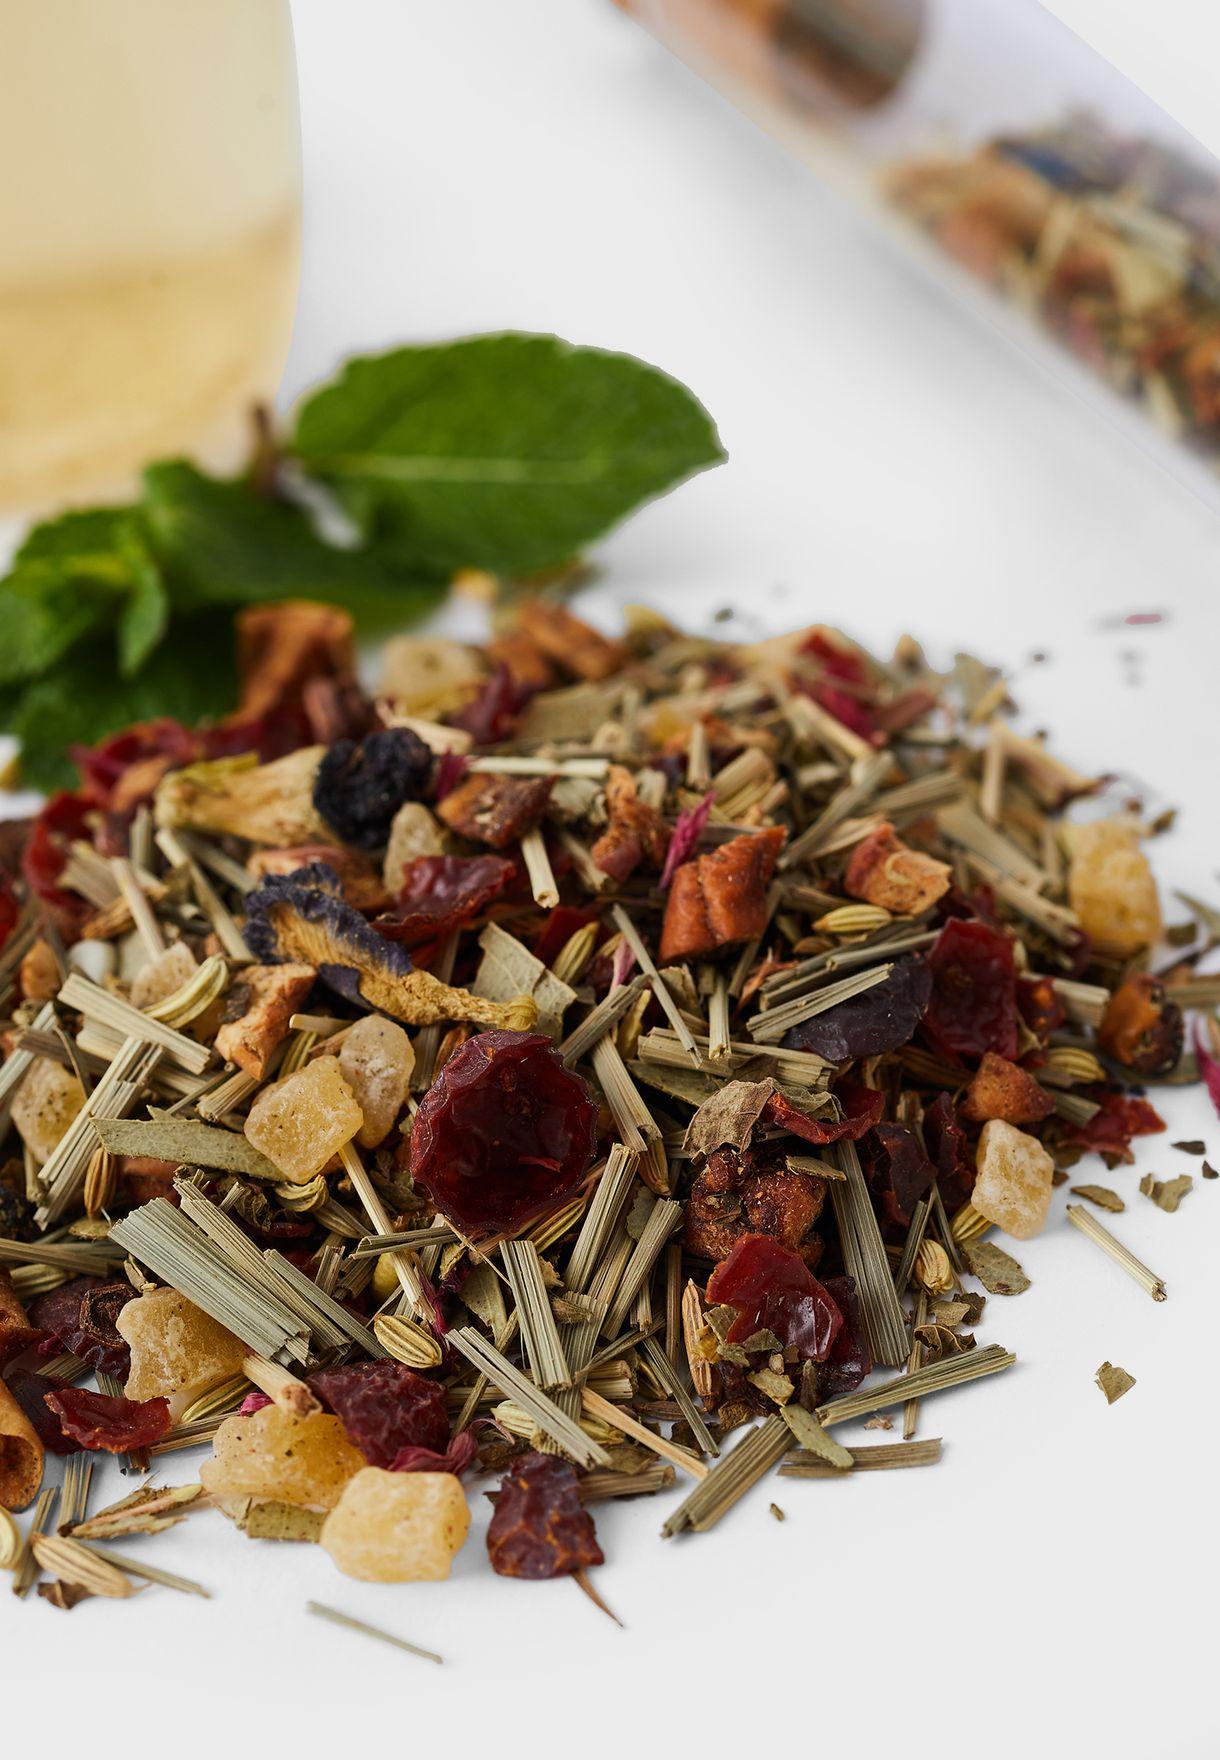 شاي اعشاب - فلامينجو